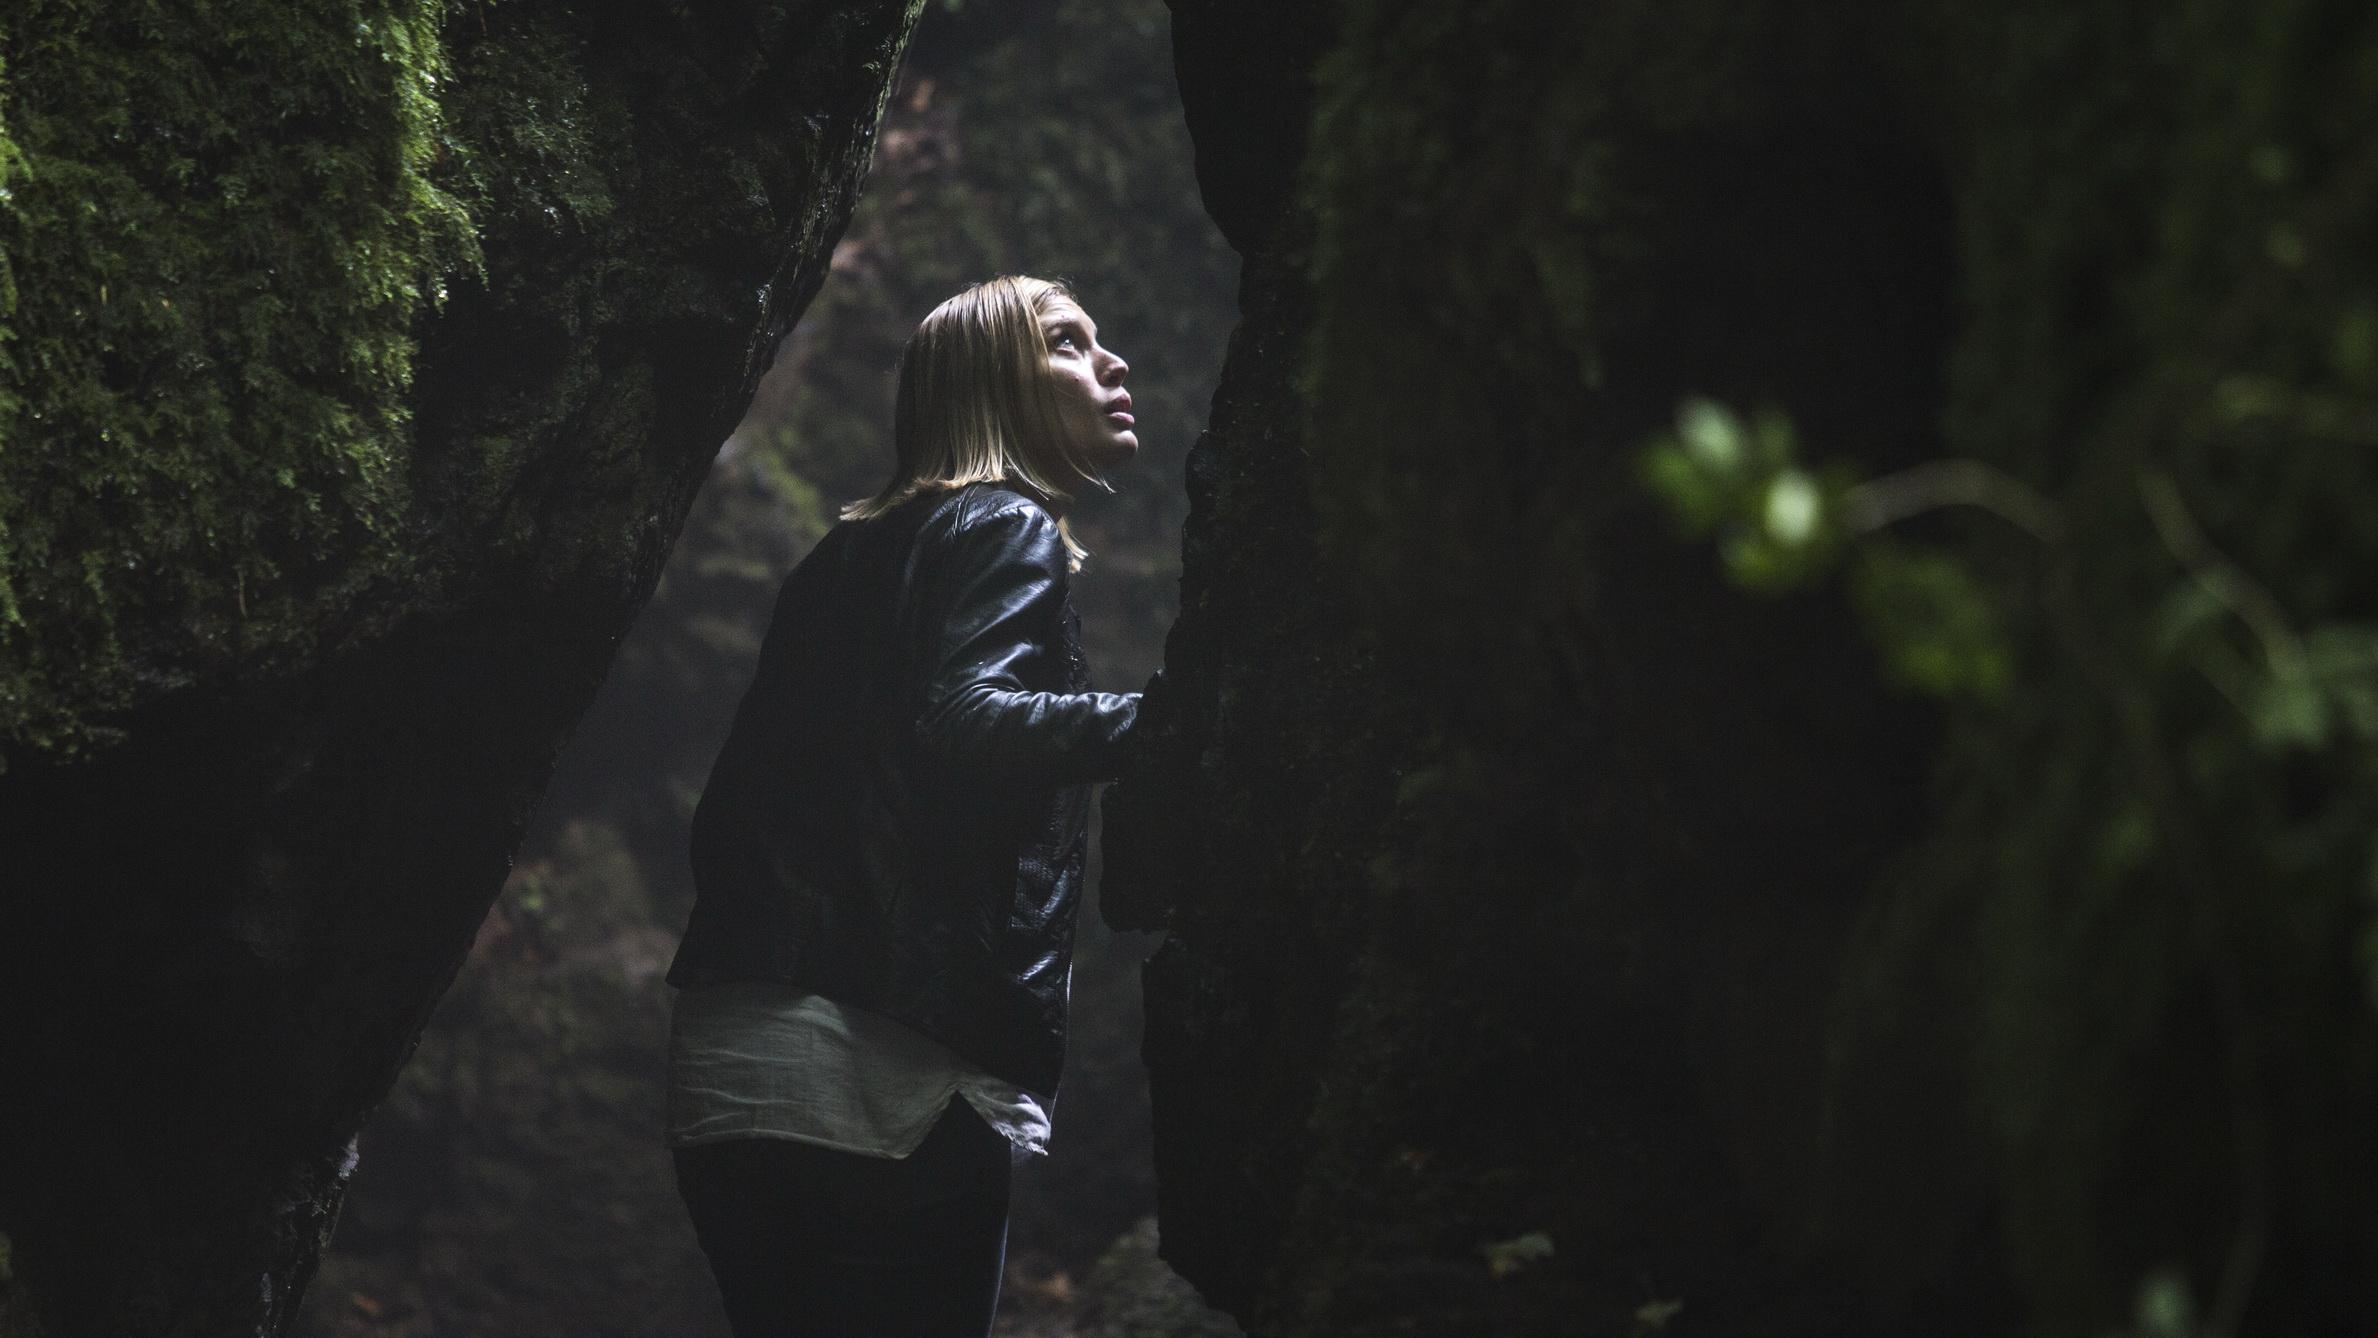 Не стучи дважды фильм 2018 трейлер на русском языке